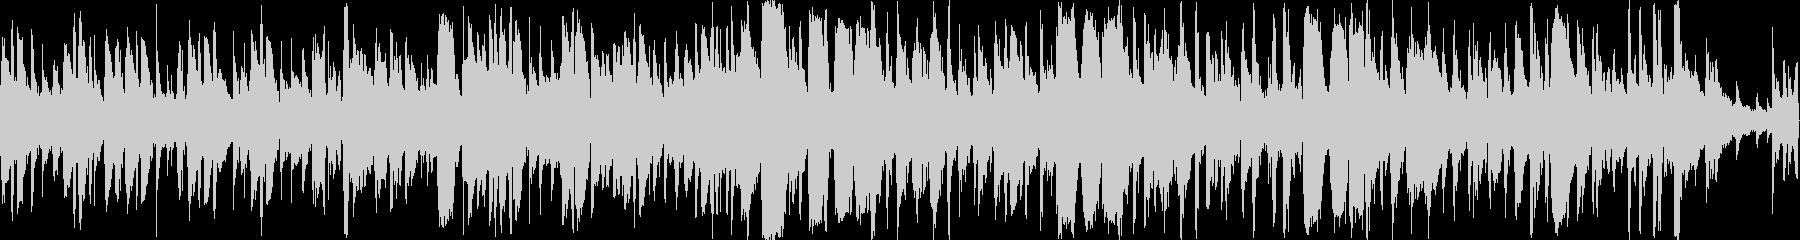 海の情景のあるボサノバやジャズなどの要…の未再生の波形